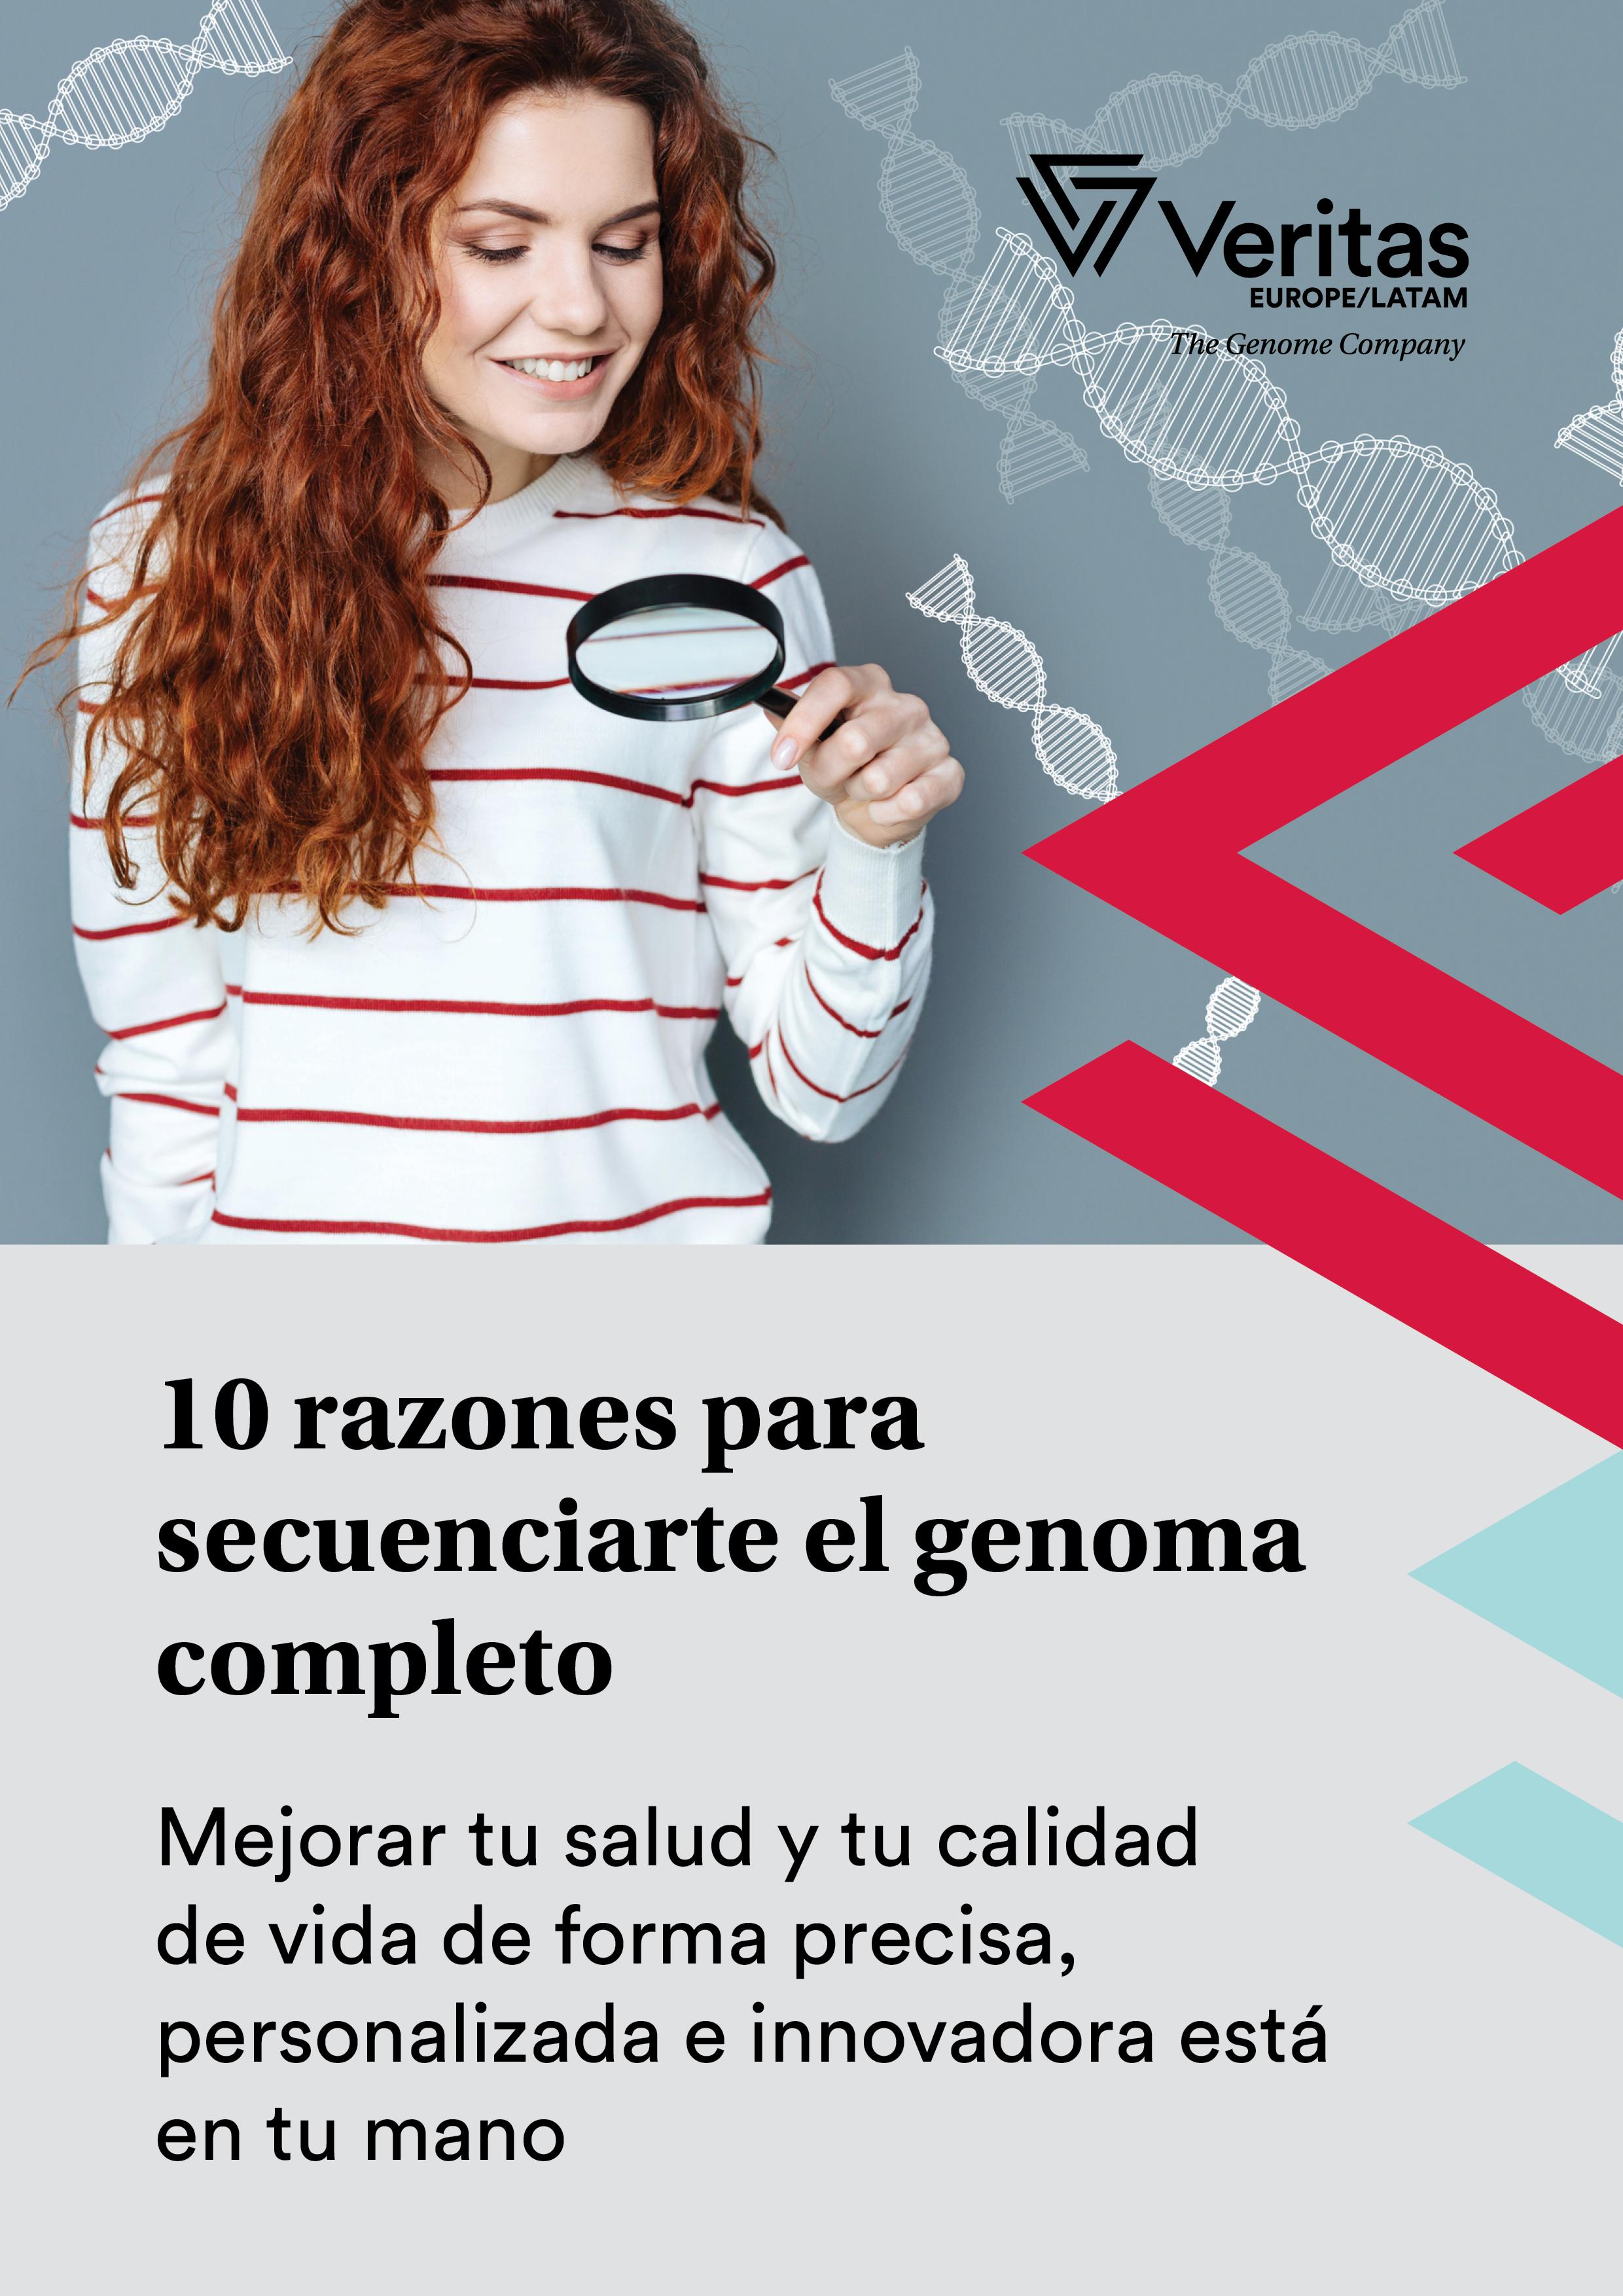 VRT - 10 razones para secuenciarte el genoma - Portada 2D